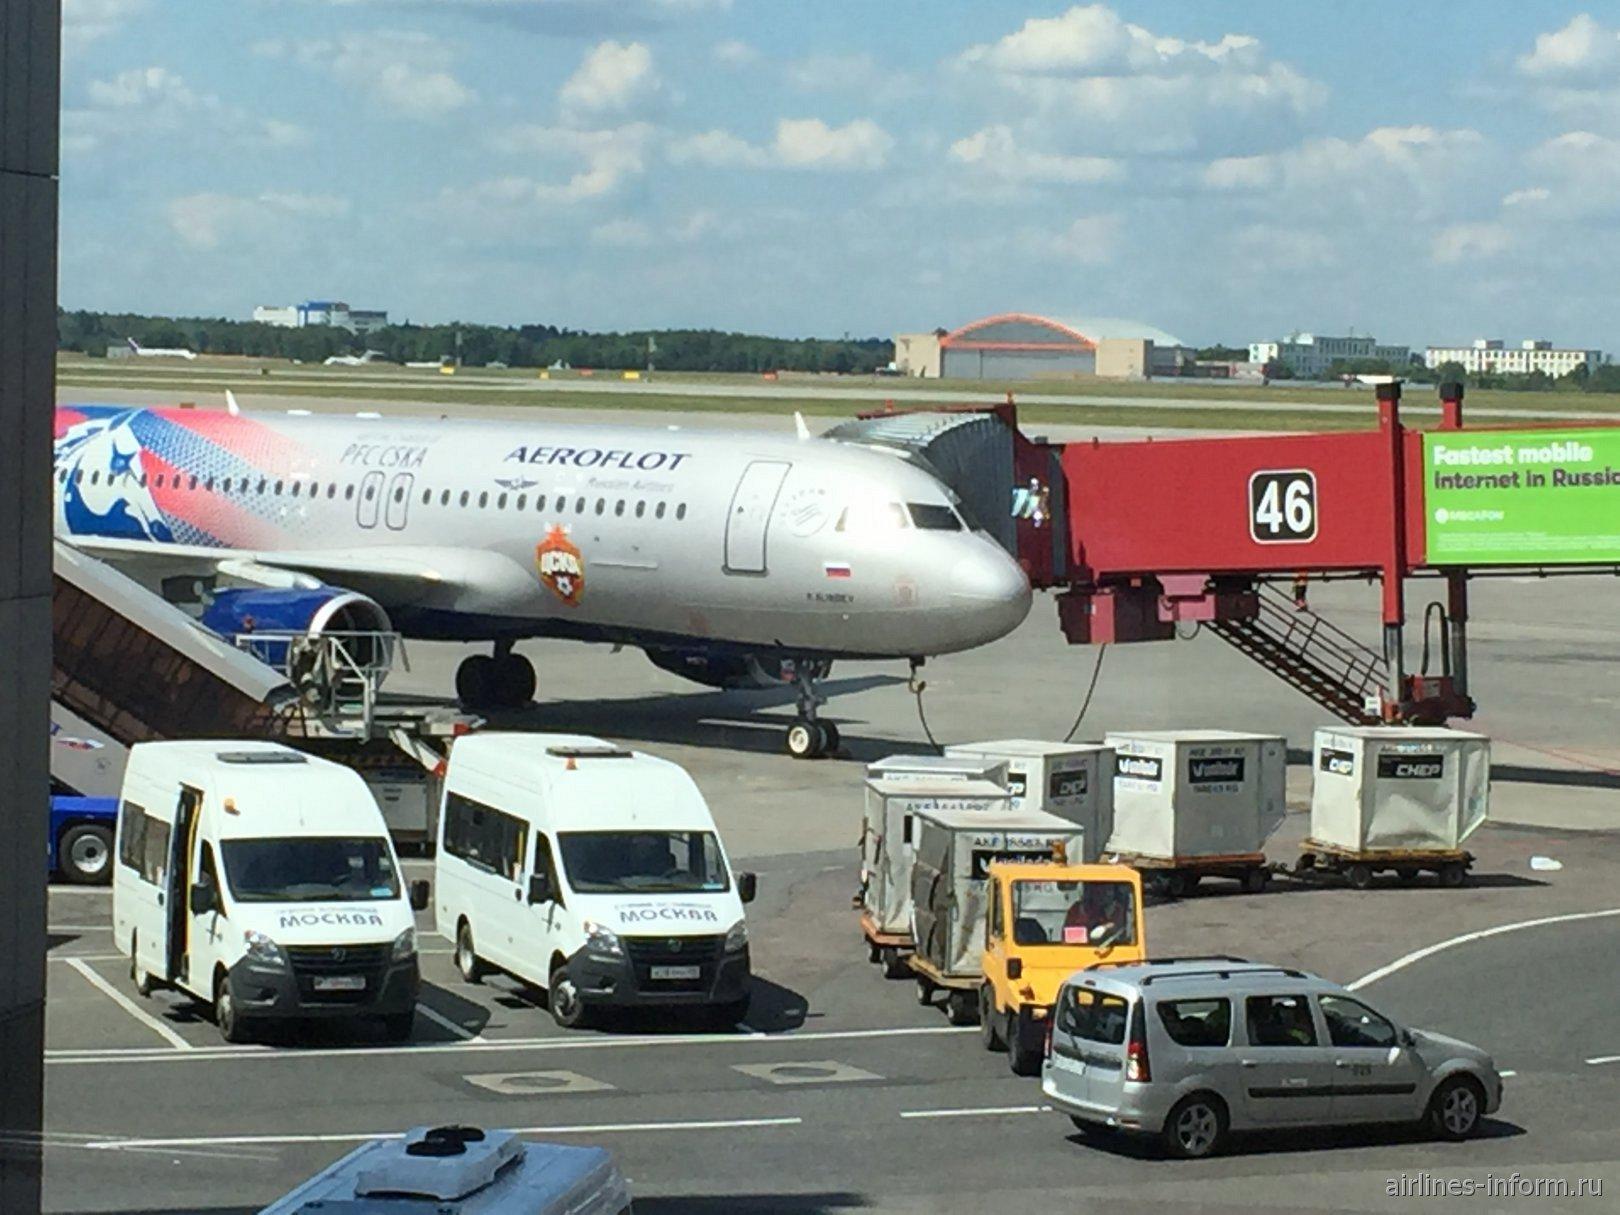 Прибыли в аэропорт за 3 часа до вылета.Быстро прошли регистрацию и паспортный контроль, а потом попали в чистую зону и уже видим первый самолёт.А320 аэрофлота в раскраске фк ЦСКА,который направляется в Прагу